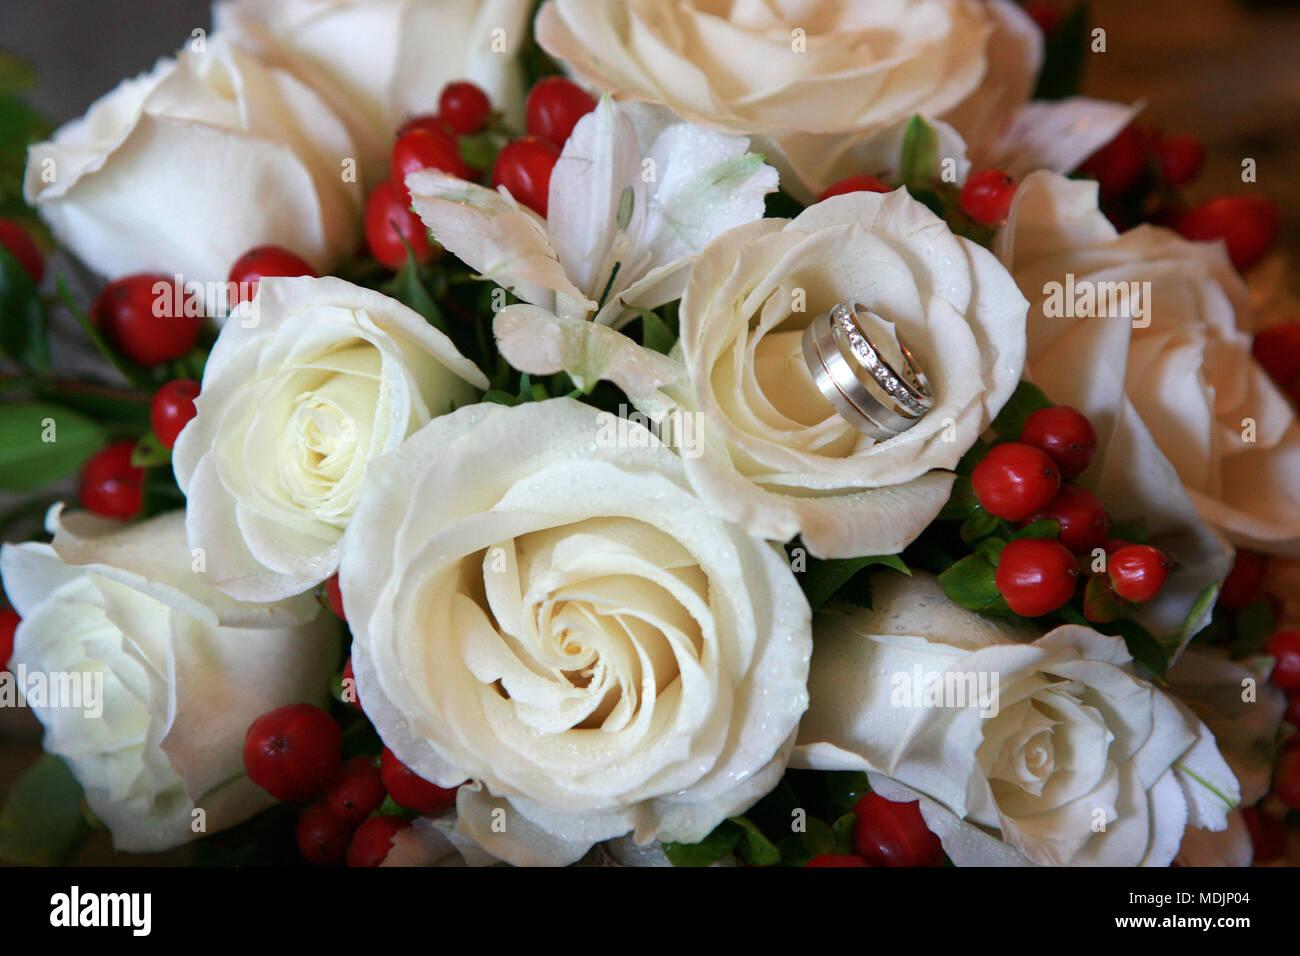 Flower Arrangement Roses Wedding Rings Stock Photos & Flower ...